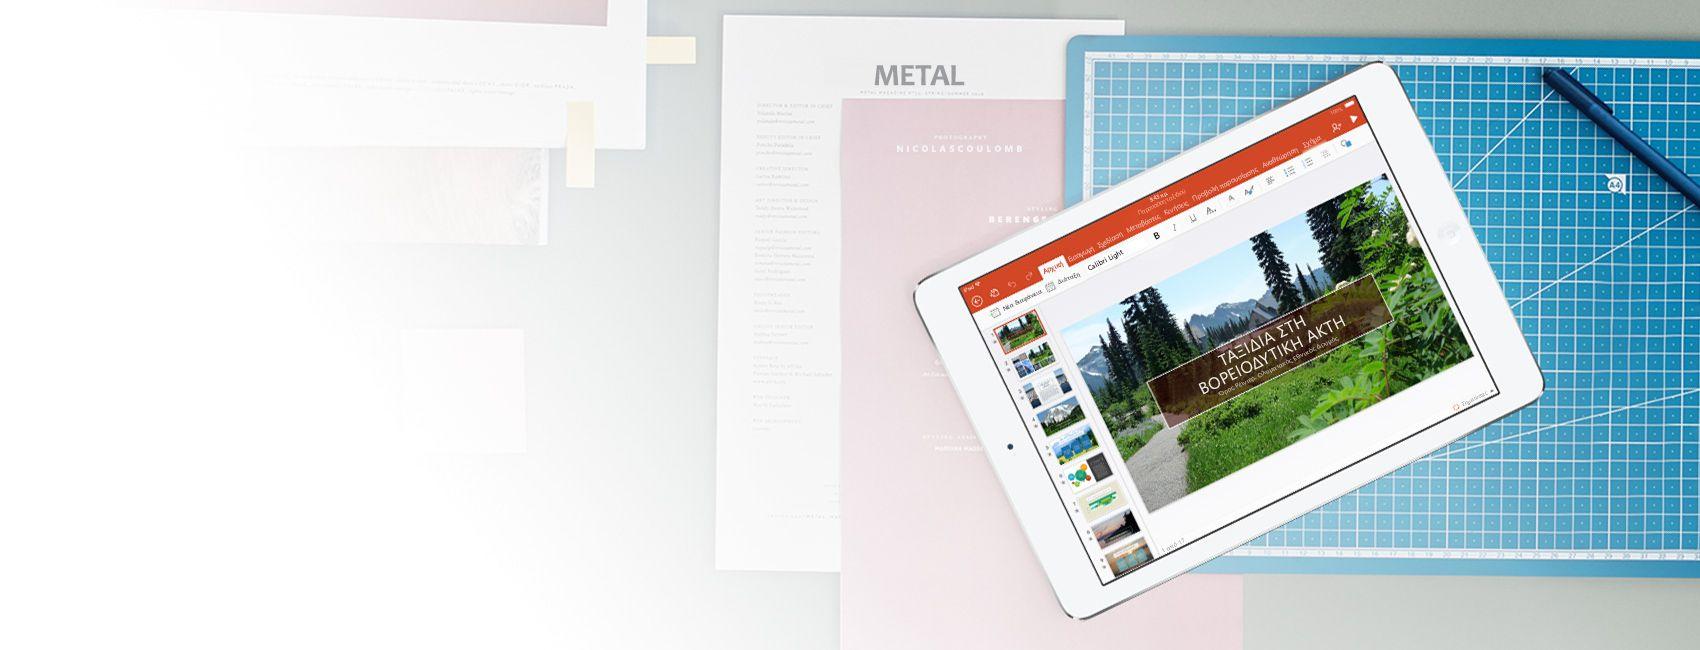 Ένα iPad που εμφανίζει μια παρουσίαση του PowerPoint σχετικά με την Pacific Northwest Travels